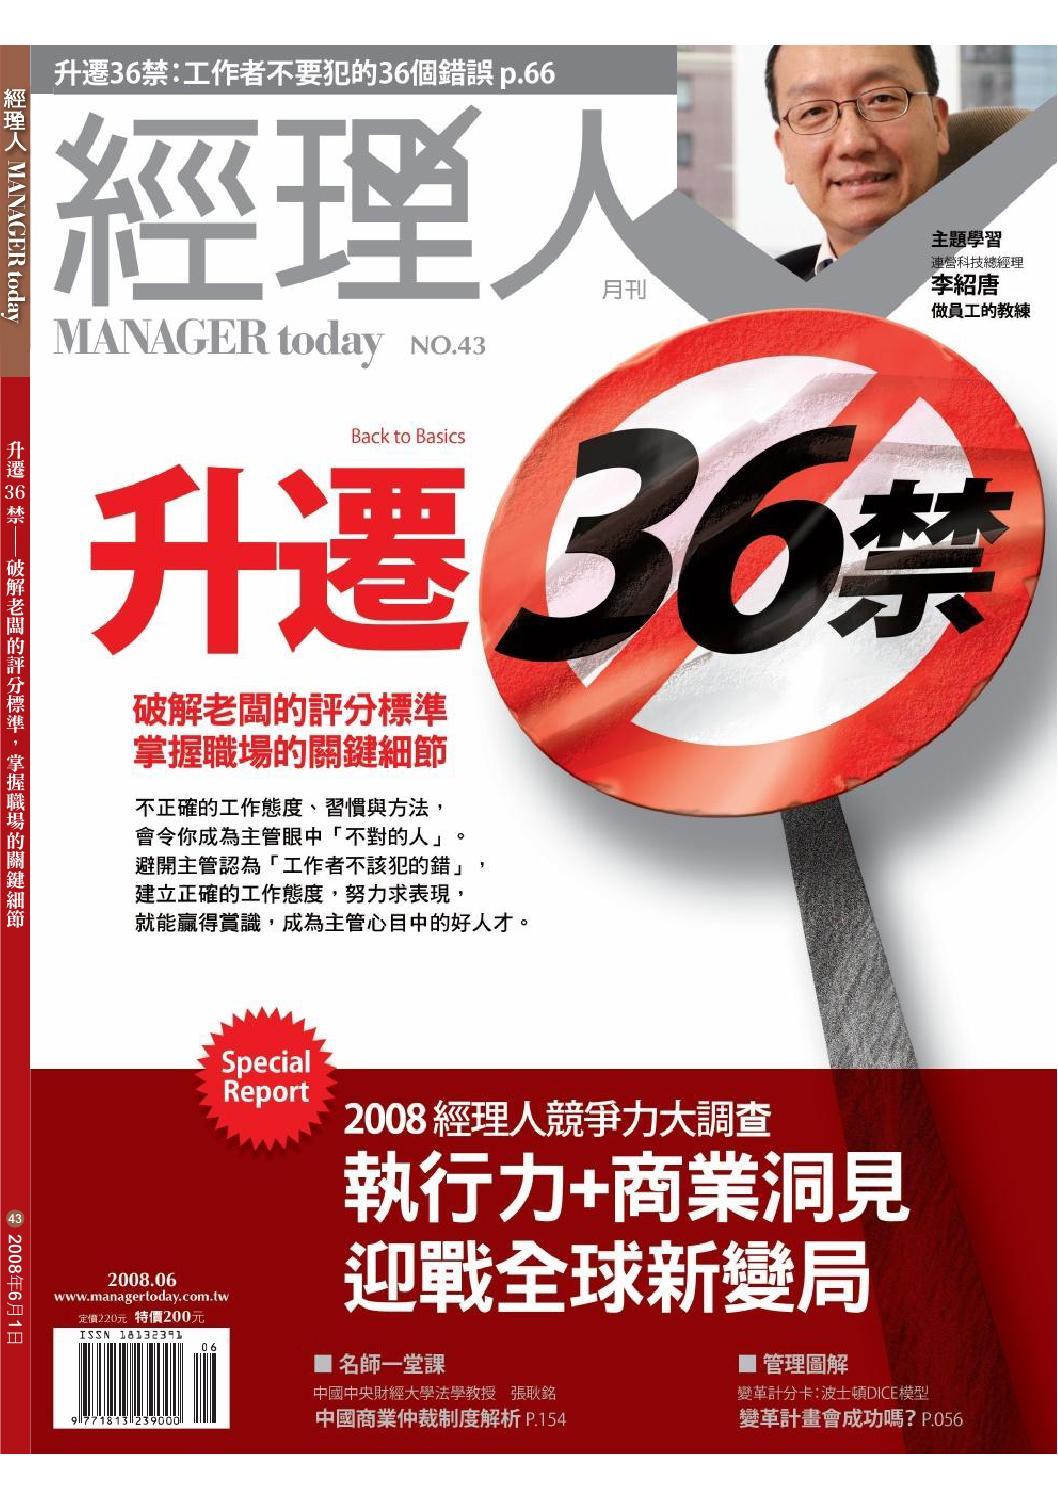 事件 熊谷 殺傷 4 男女 人